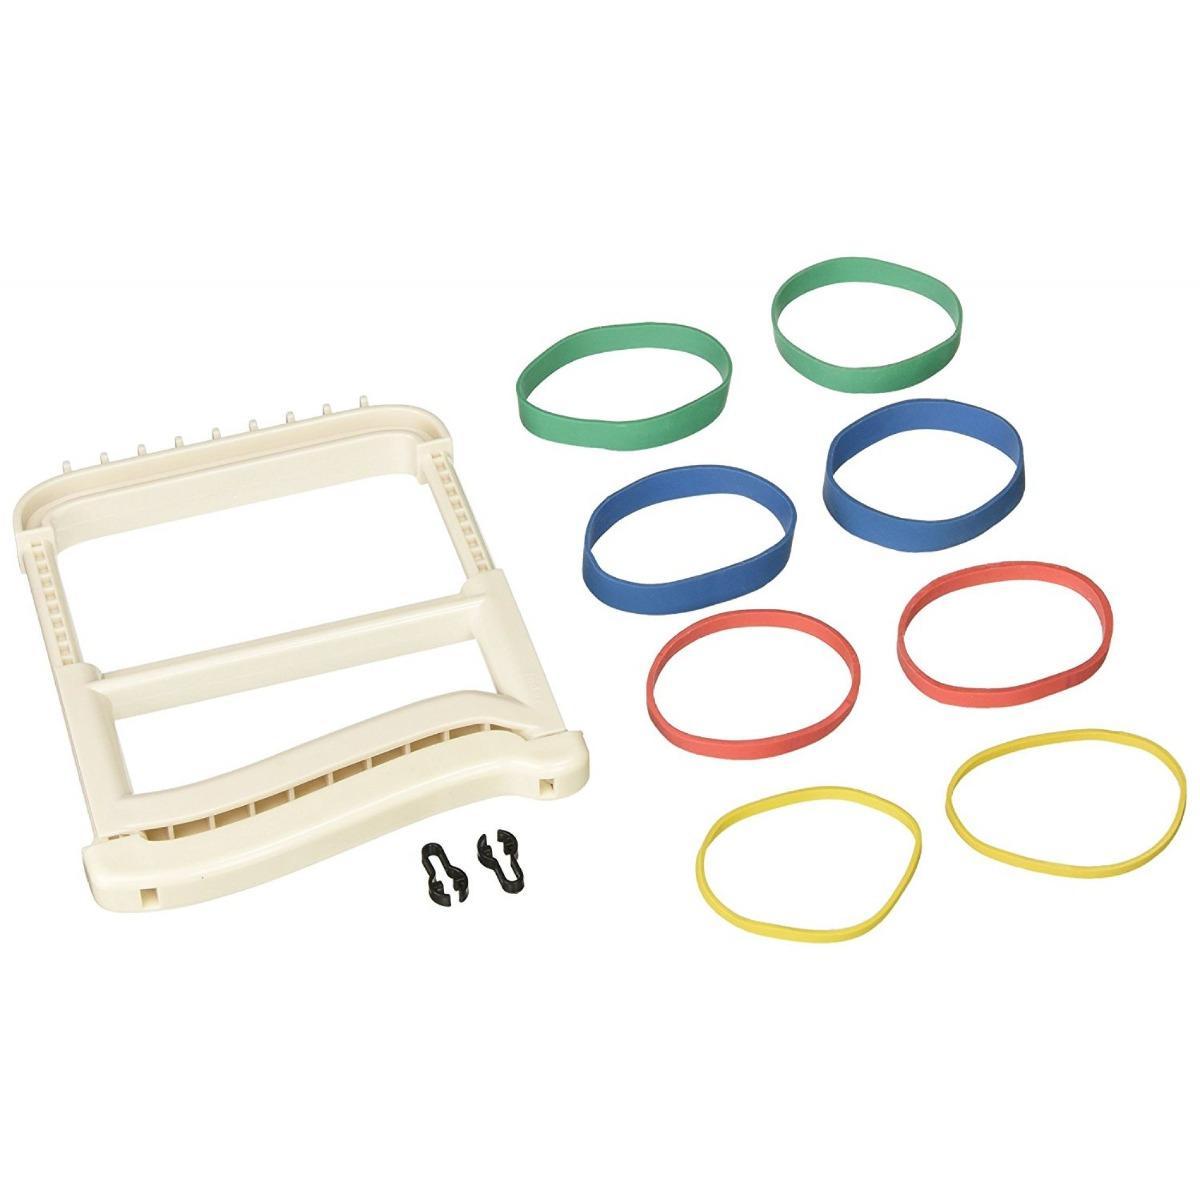 Rolyan Basic Ergonomic Hand Exerciser, White, Each